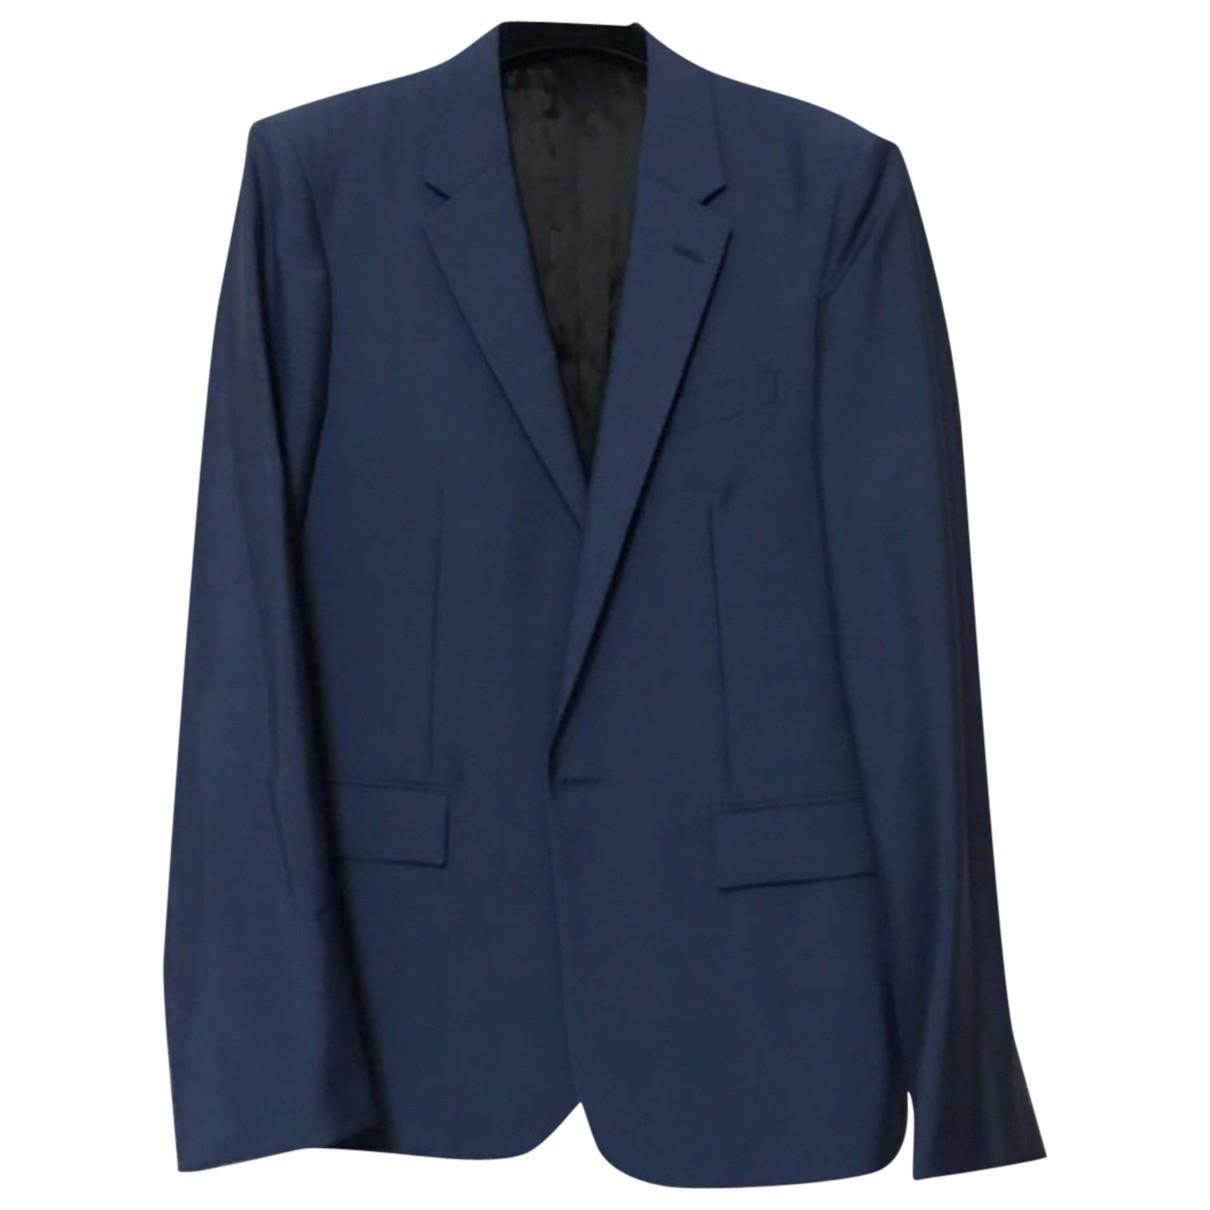 Balenciaga - Vestes.Blousons   pour homme en lin - bleu